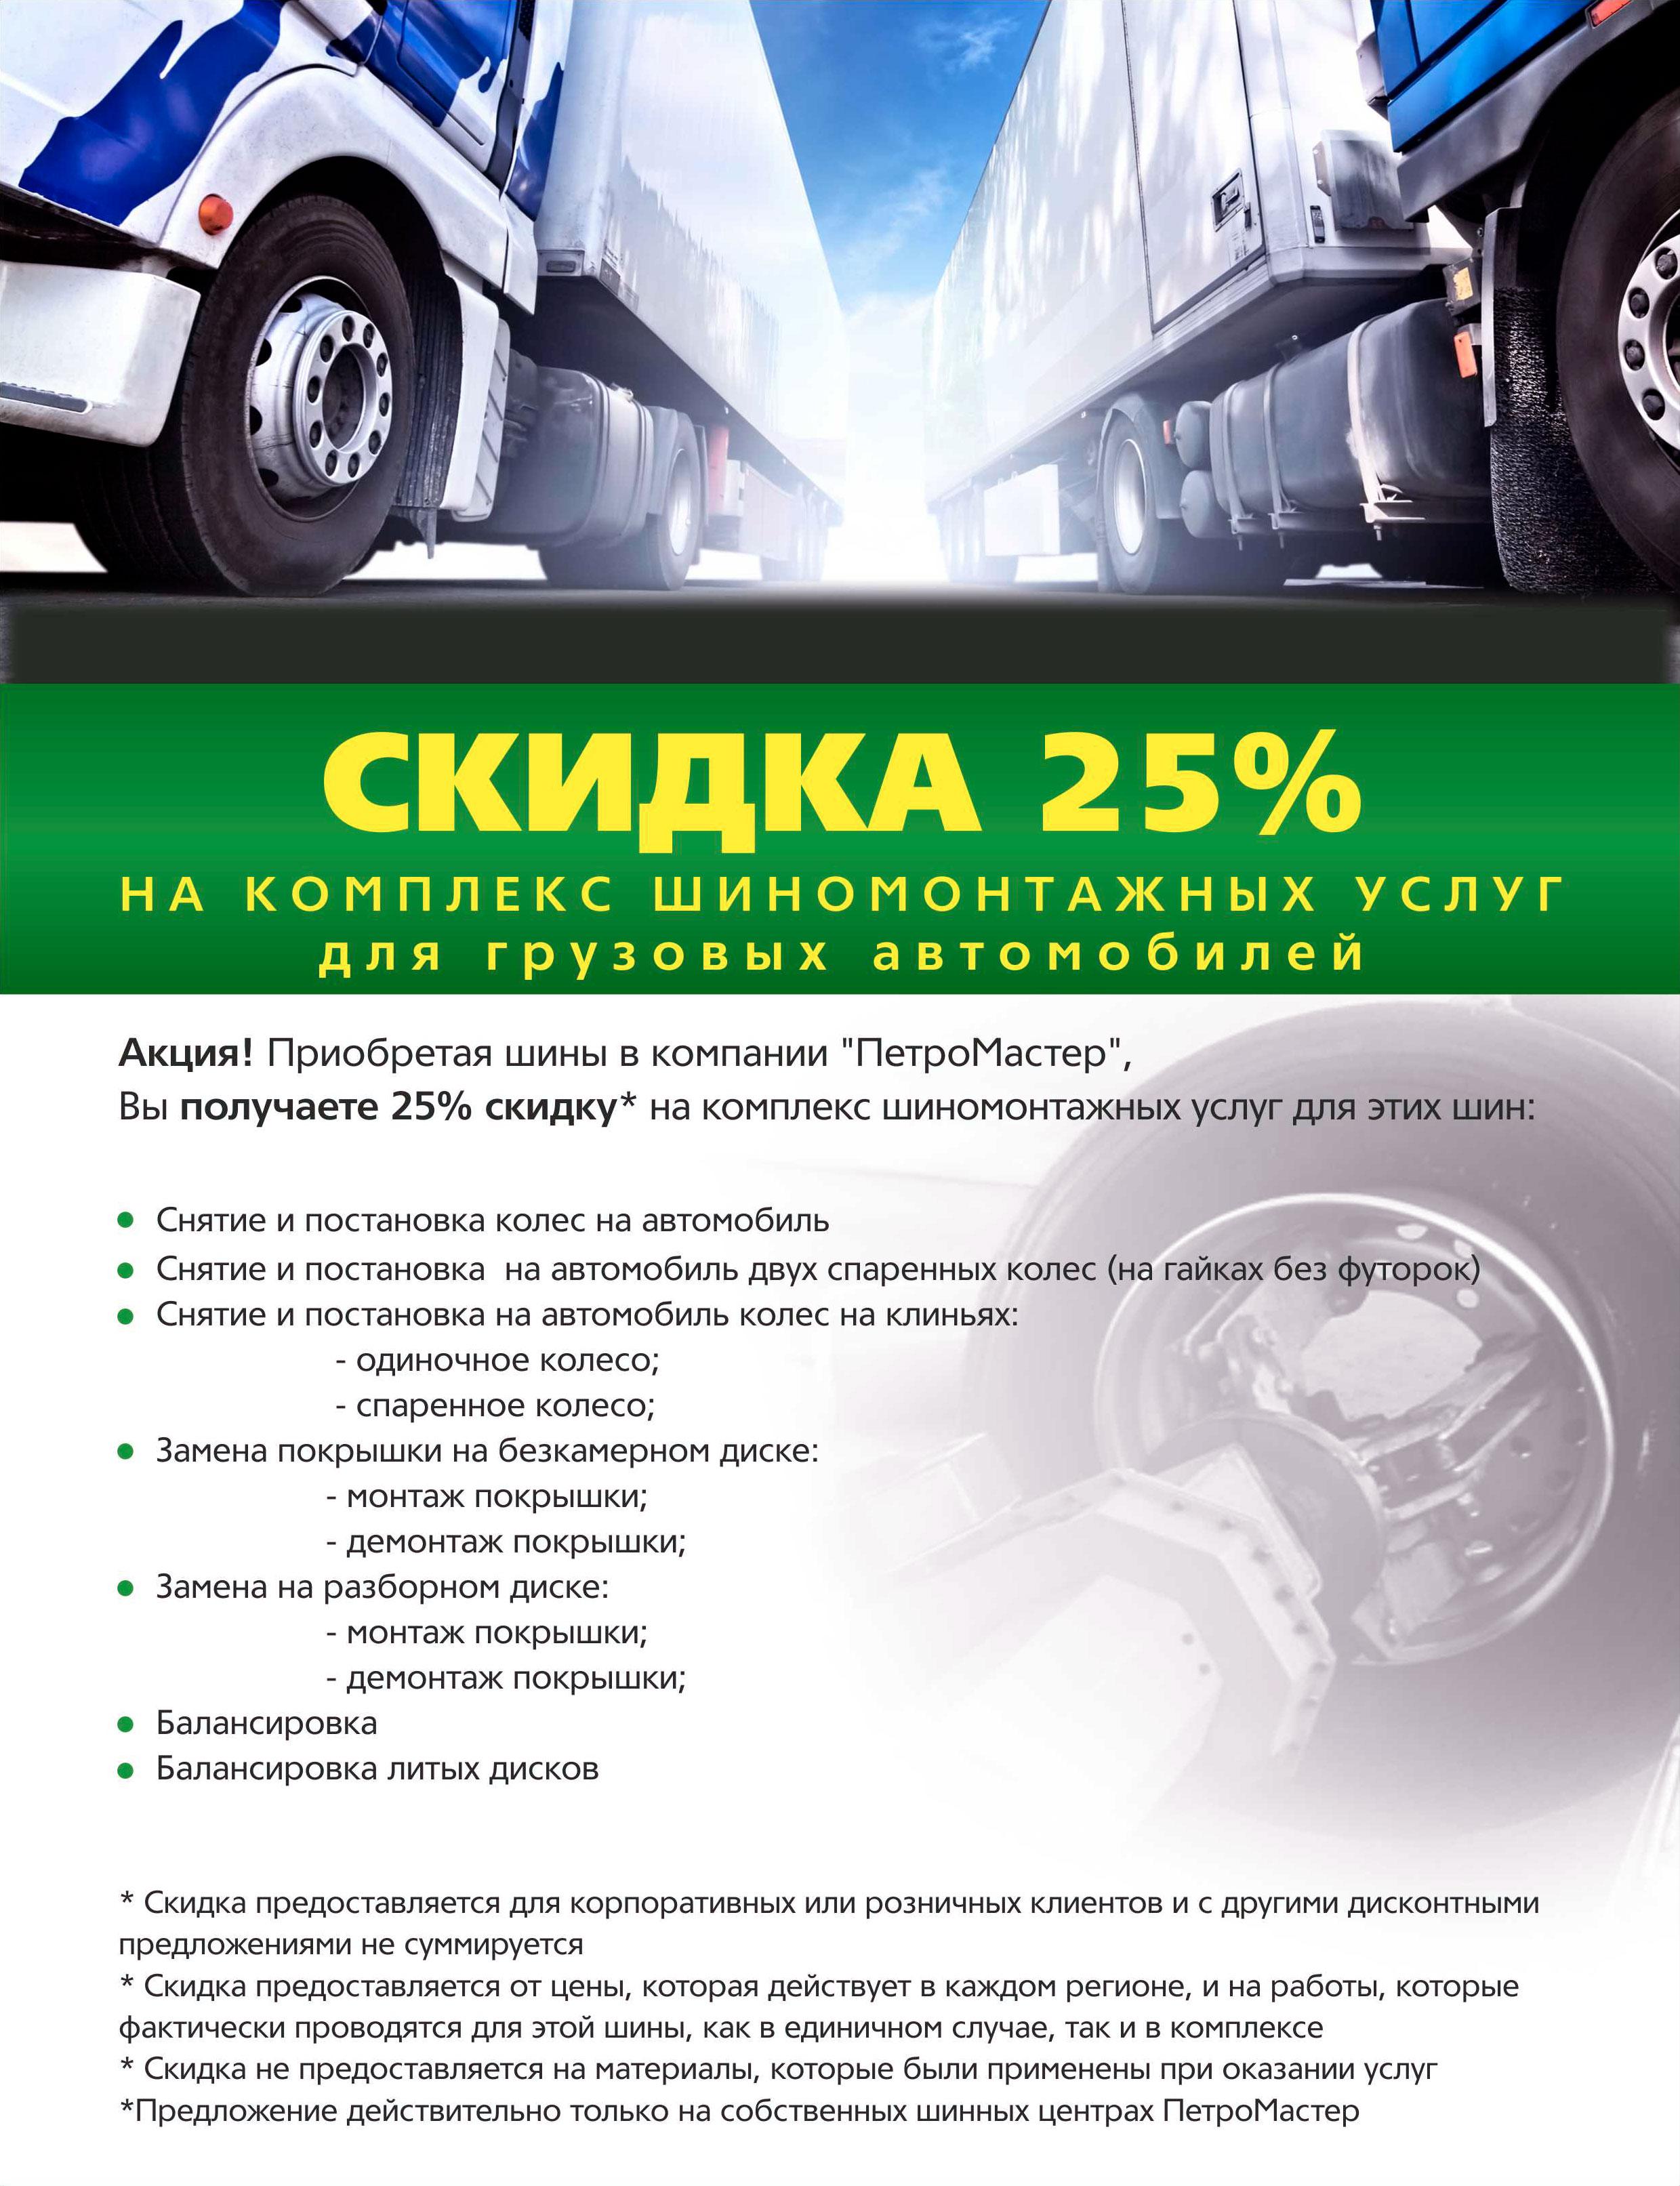 Скидка 25% на услуги шиномонтажа